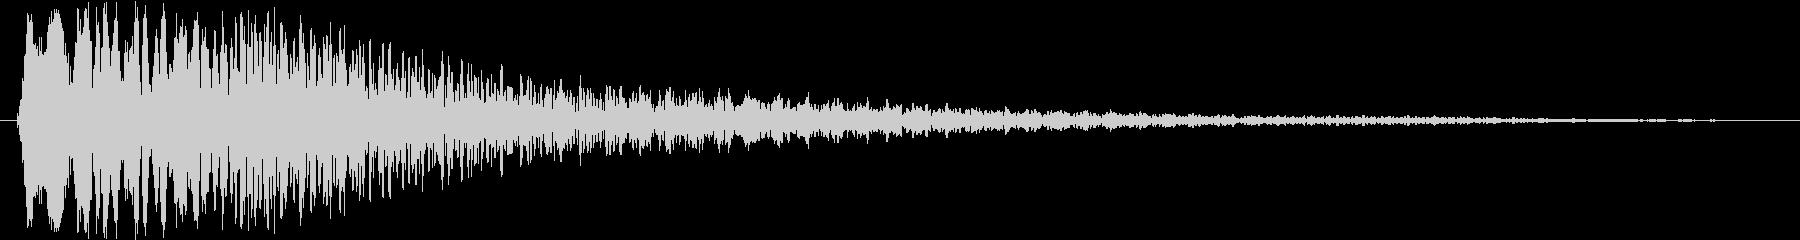 トゥルリローン(ハープ系)の未再生の波形